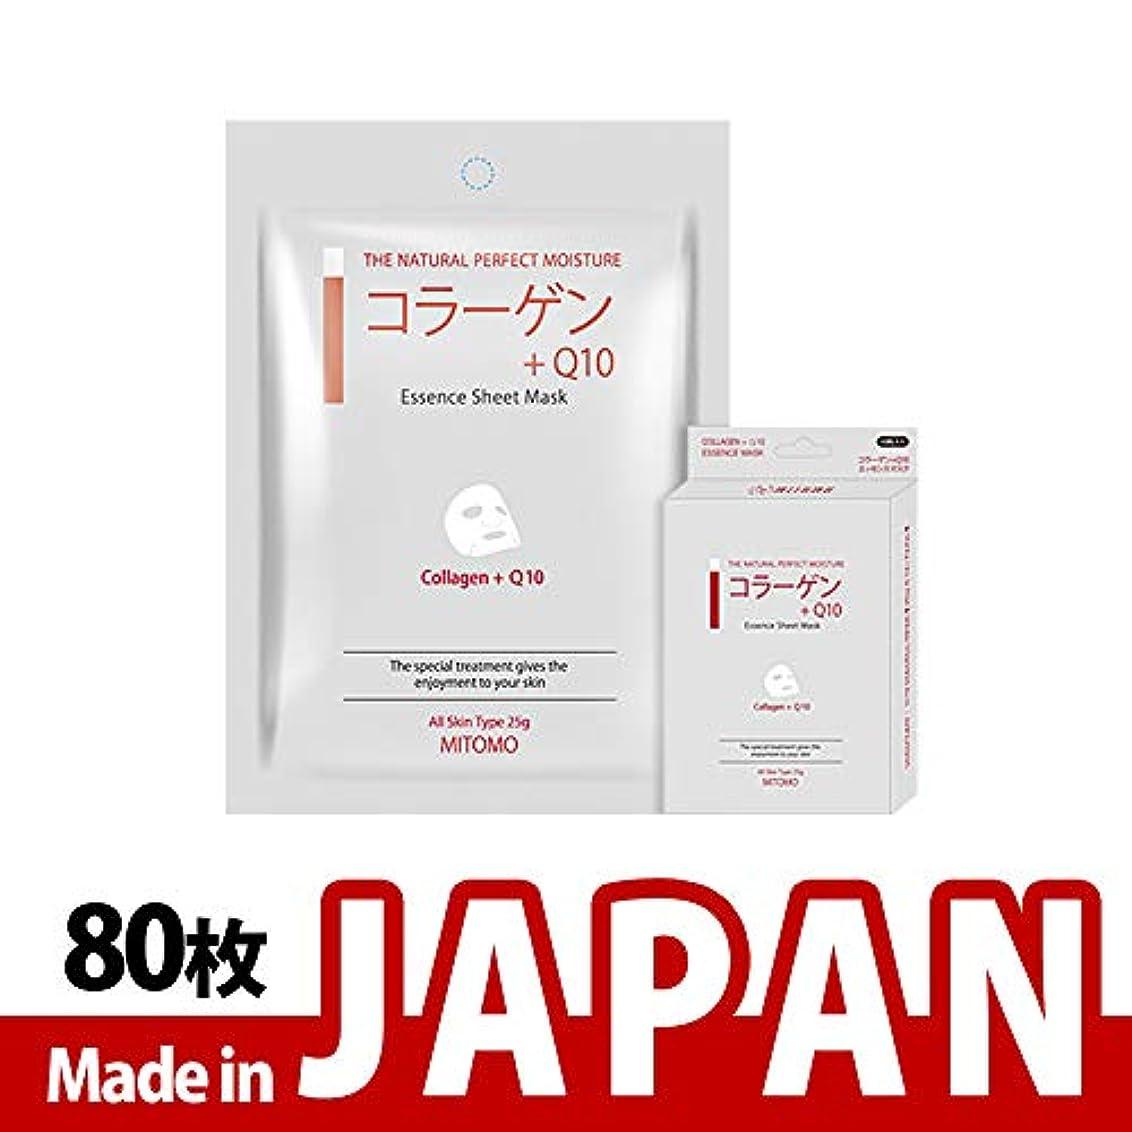 染色渦衣類MITOMO【MC001-A-1】日本製シートマスク/10枚入り/80枚/美容液/マスクパック/送料無料